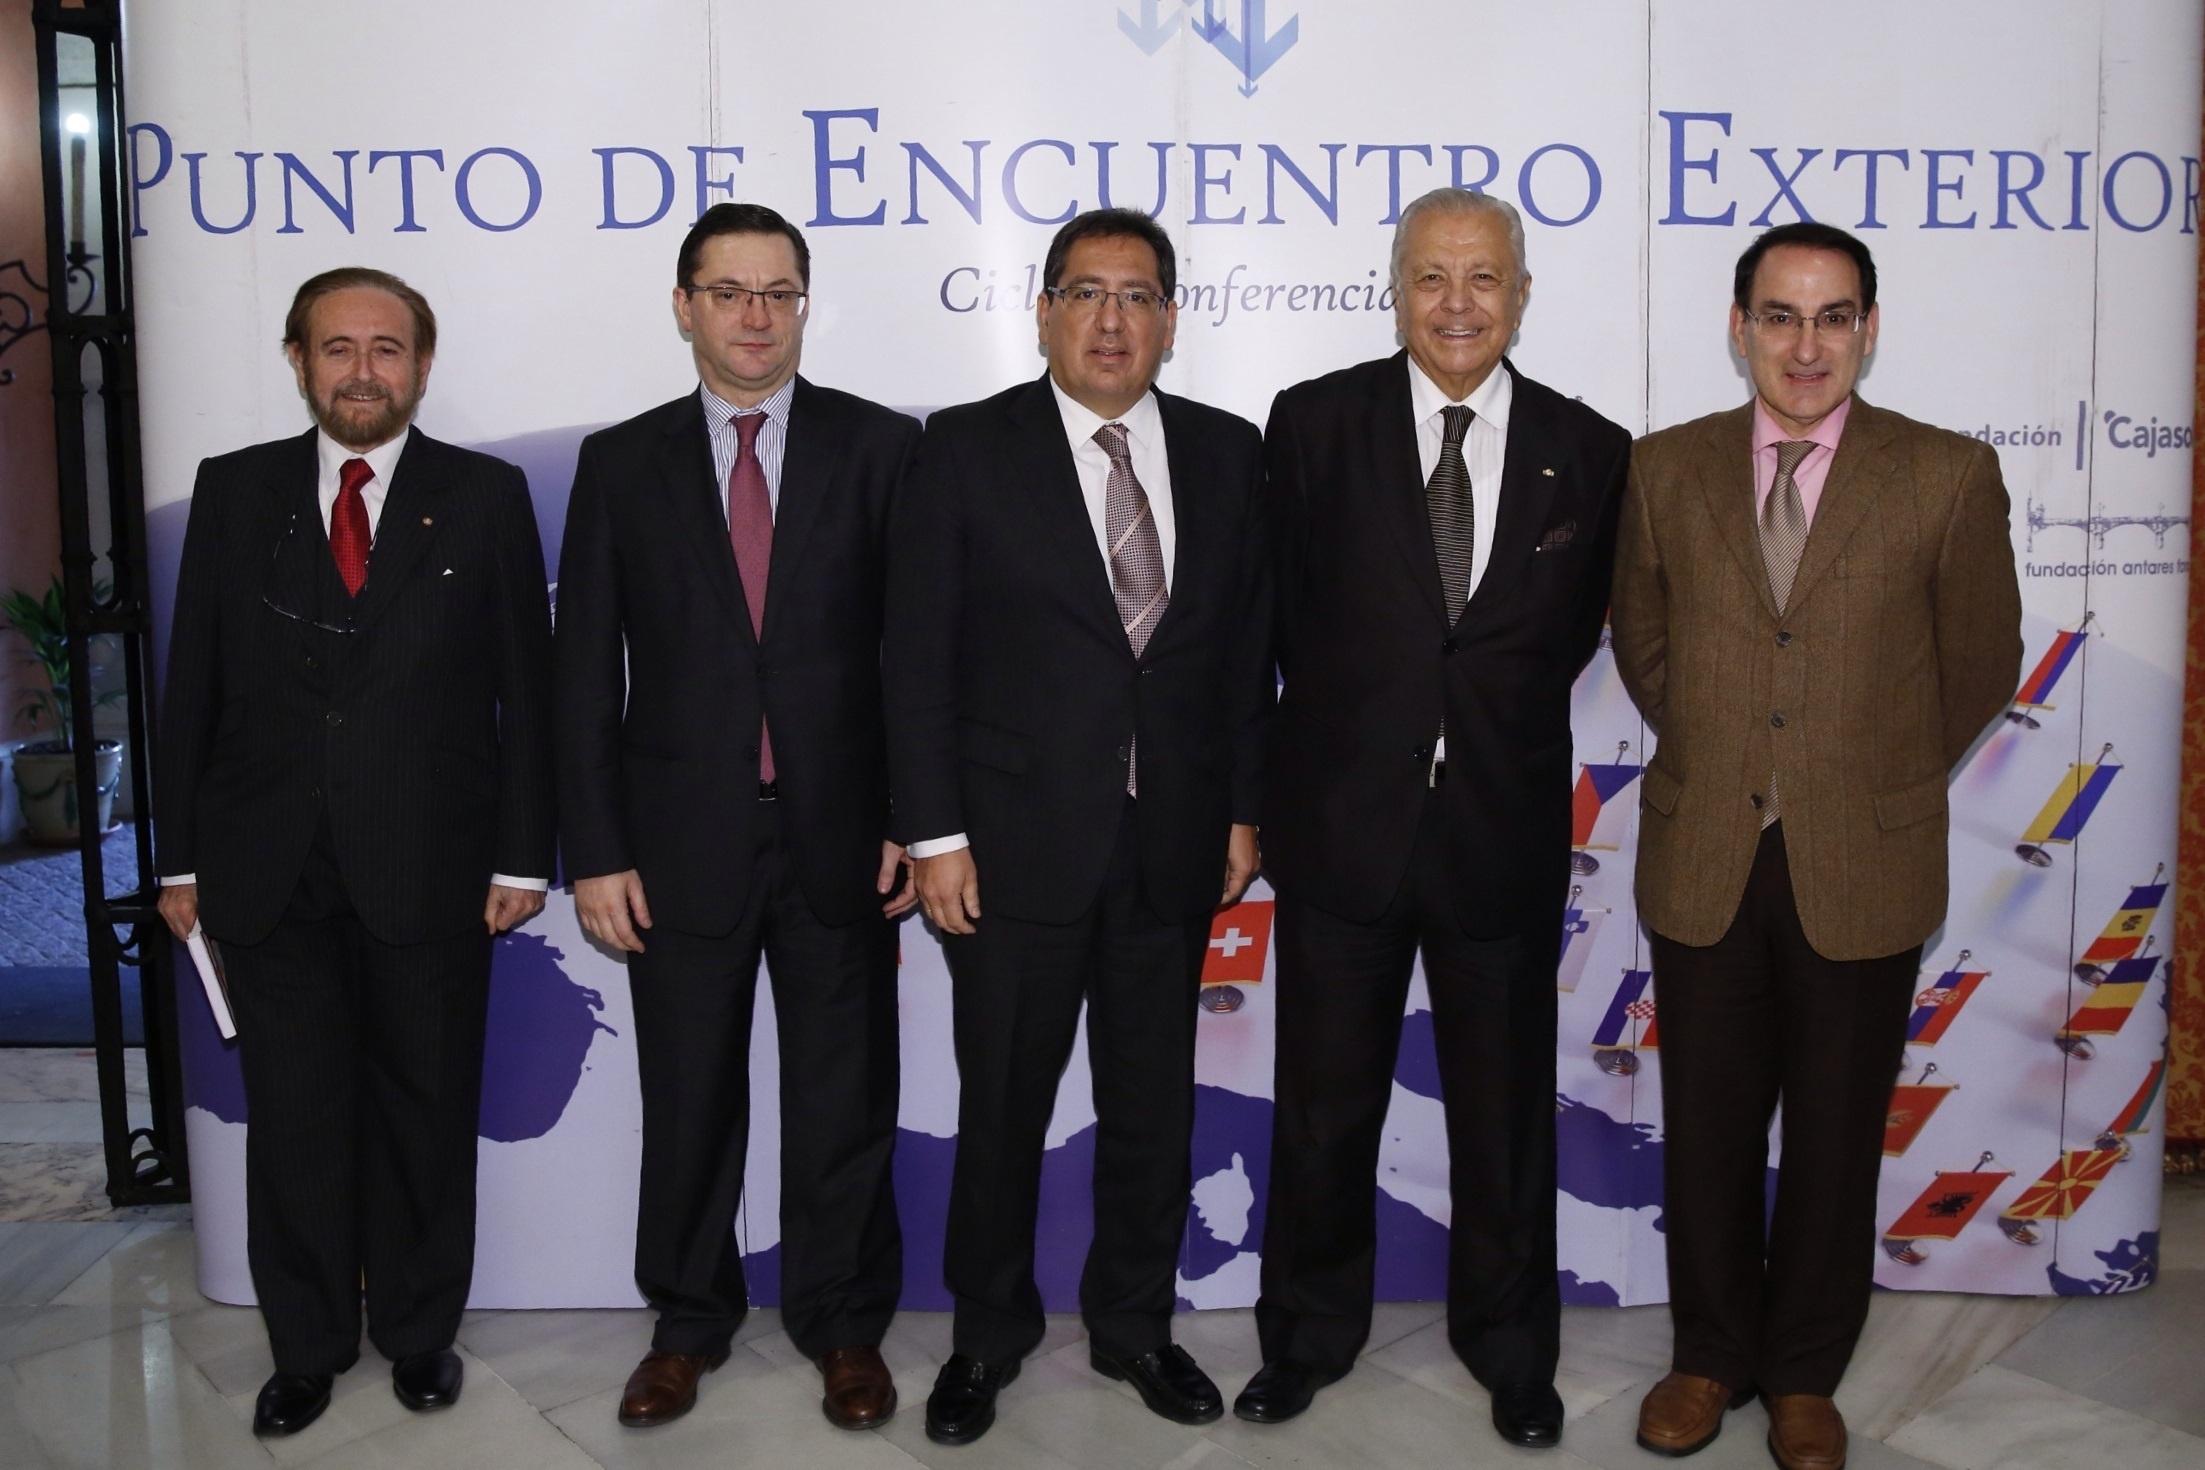 El embajador de Chile en España invitado en el Punto de Encuentro Exterior de Fundación Antares y la Fundación Cajasol